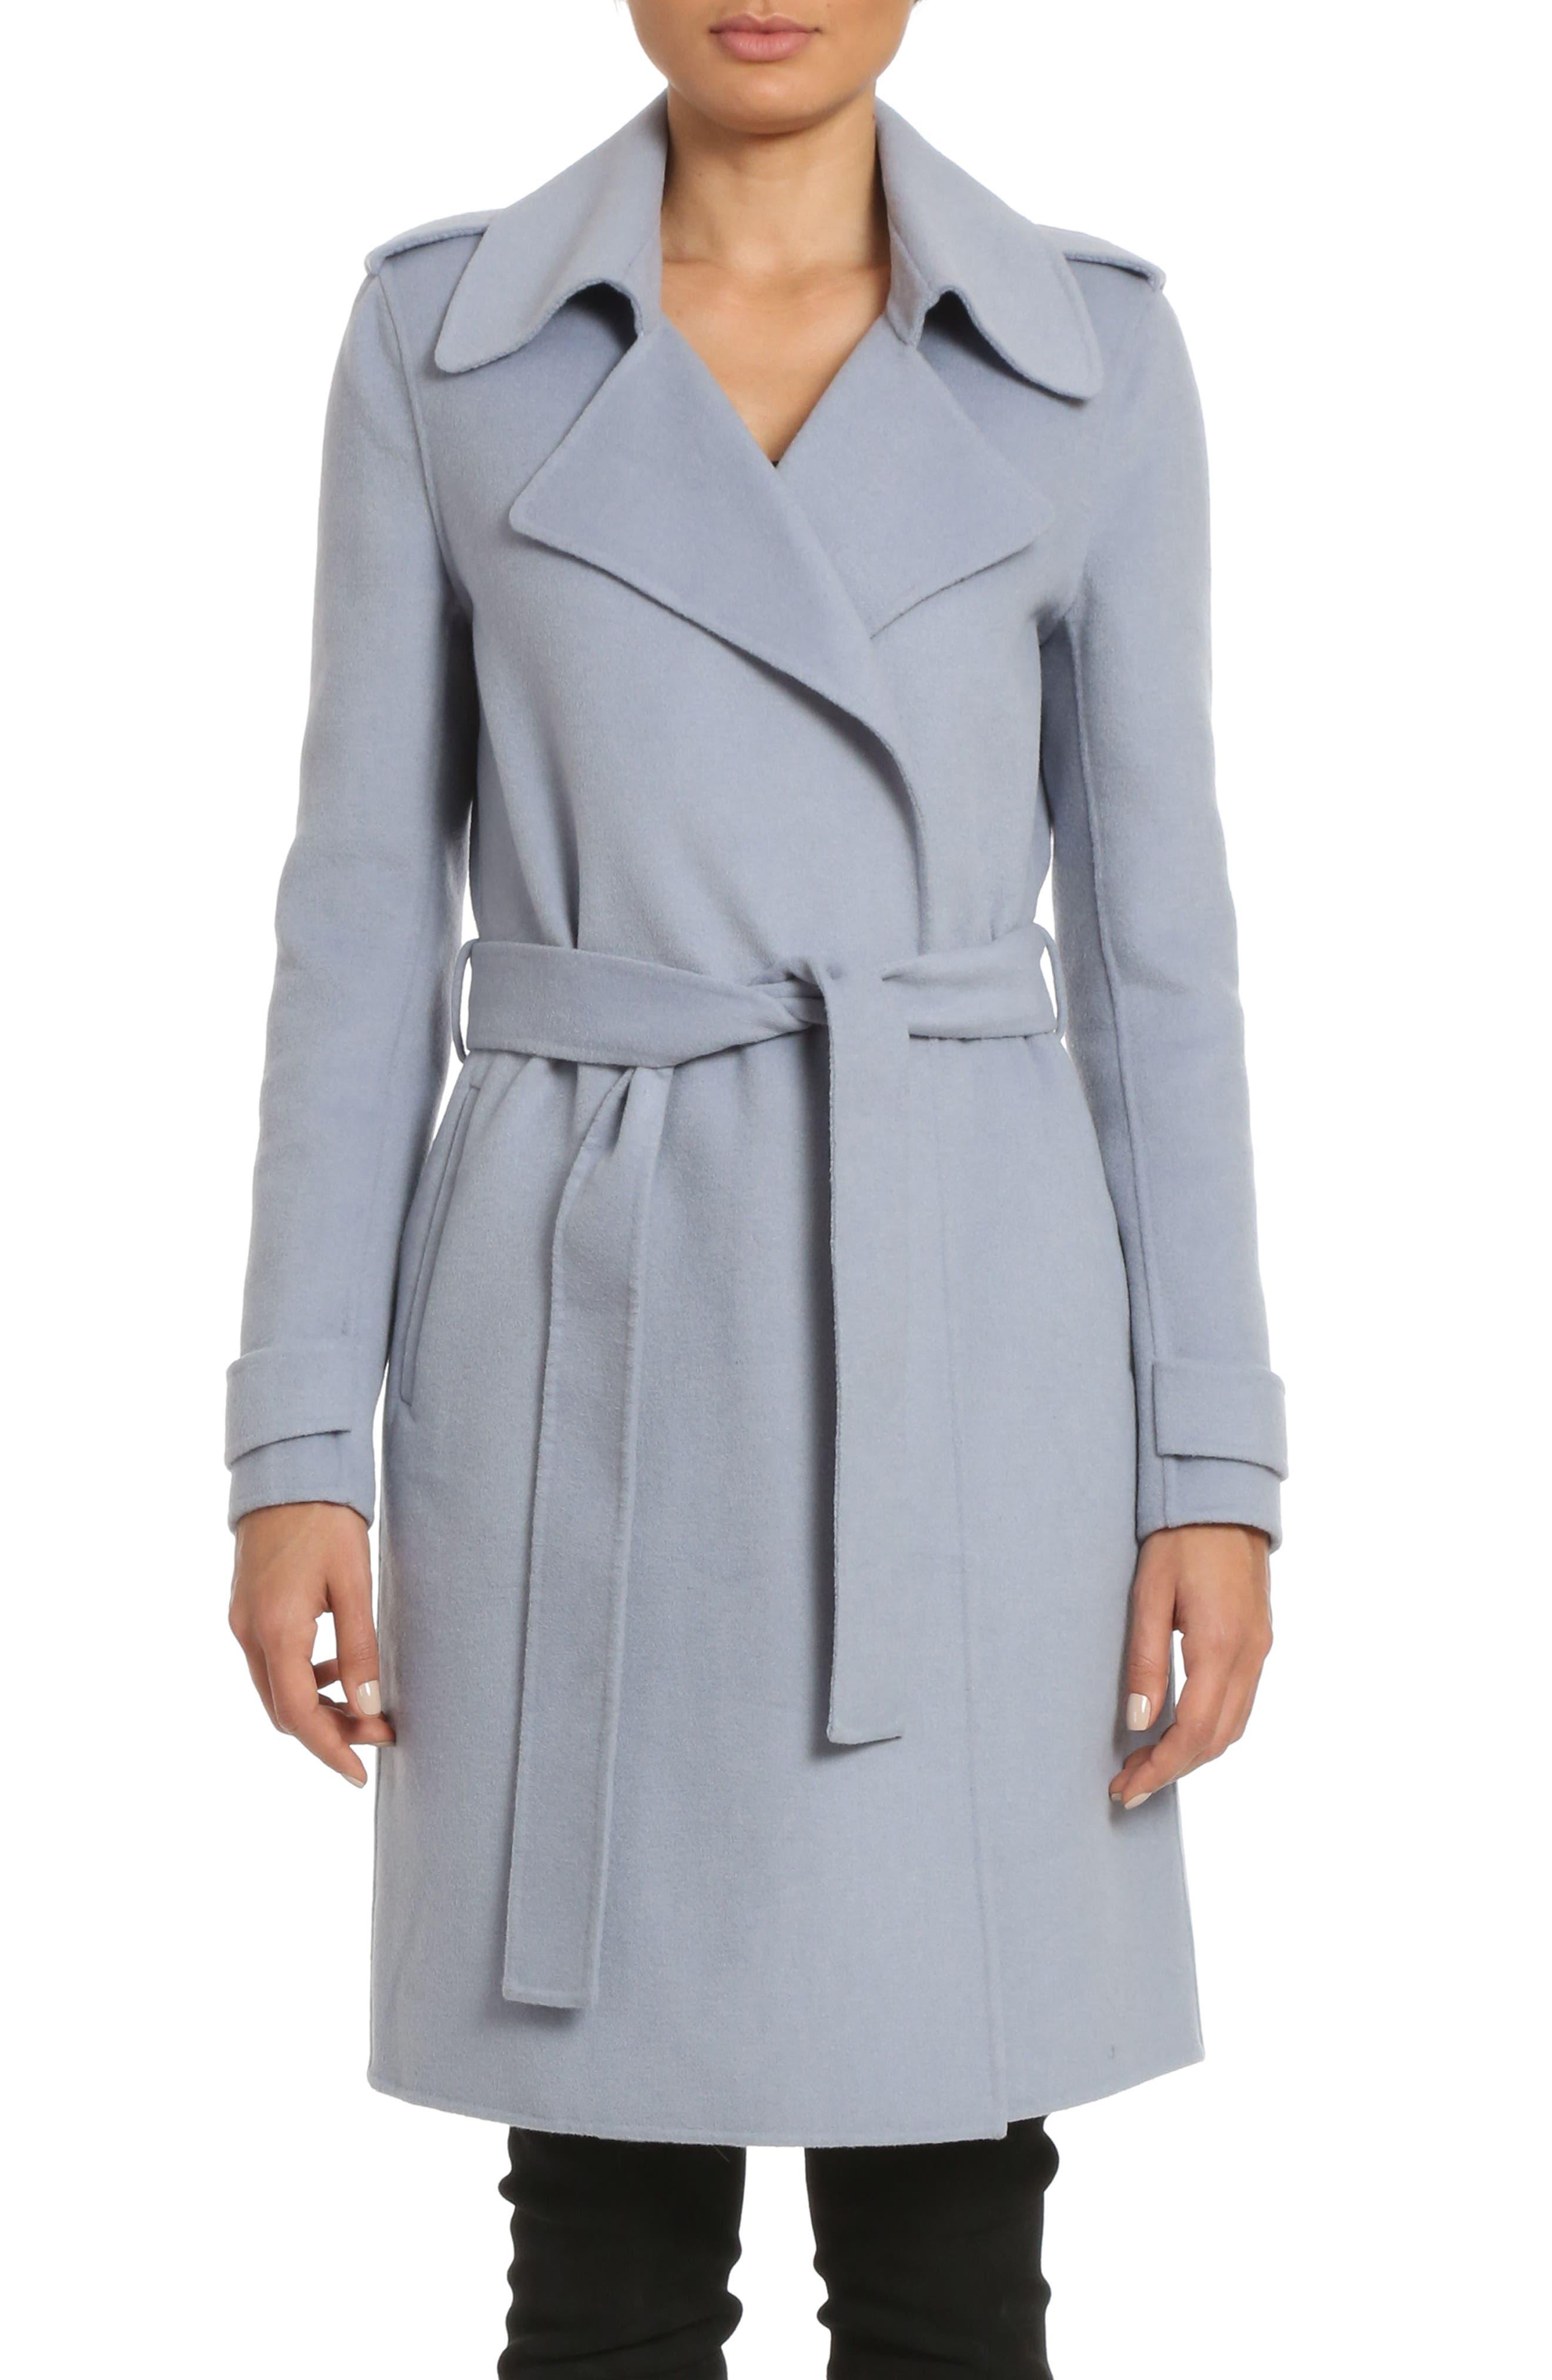 Alexis Double Face Wool Blend Long Wrap Coat,                             Main thumbnail 1, color,                             456